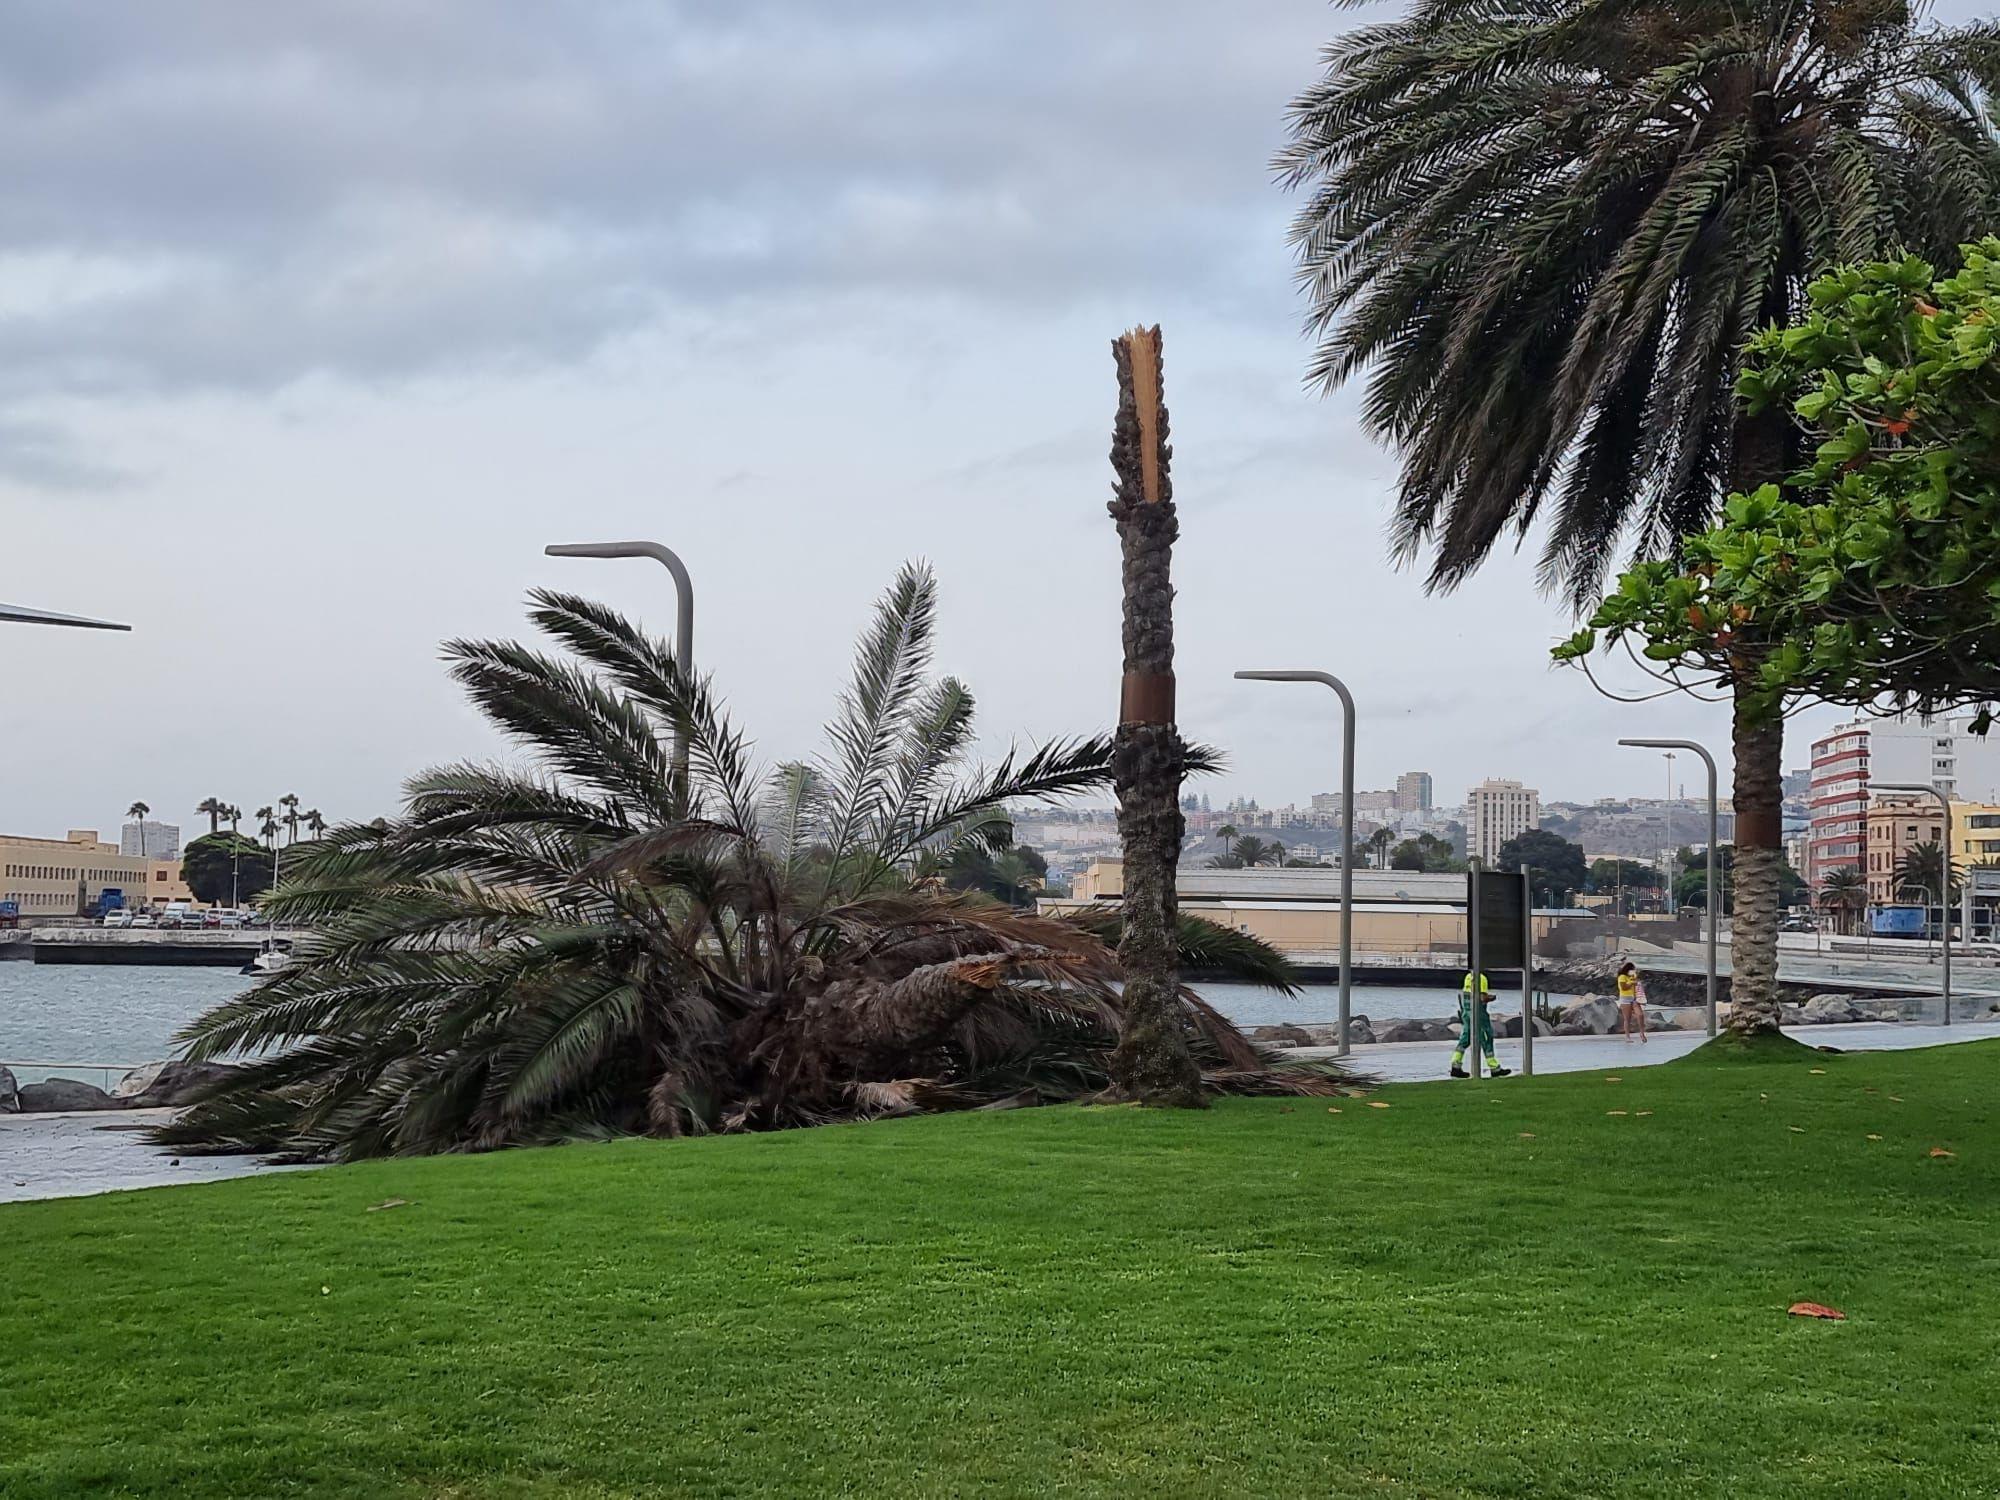 Cae una palmera en el intercambiador del parque Santa Catalina (22/07/21)